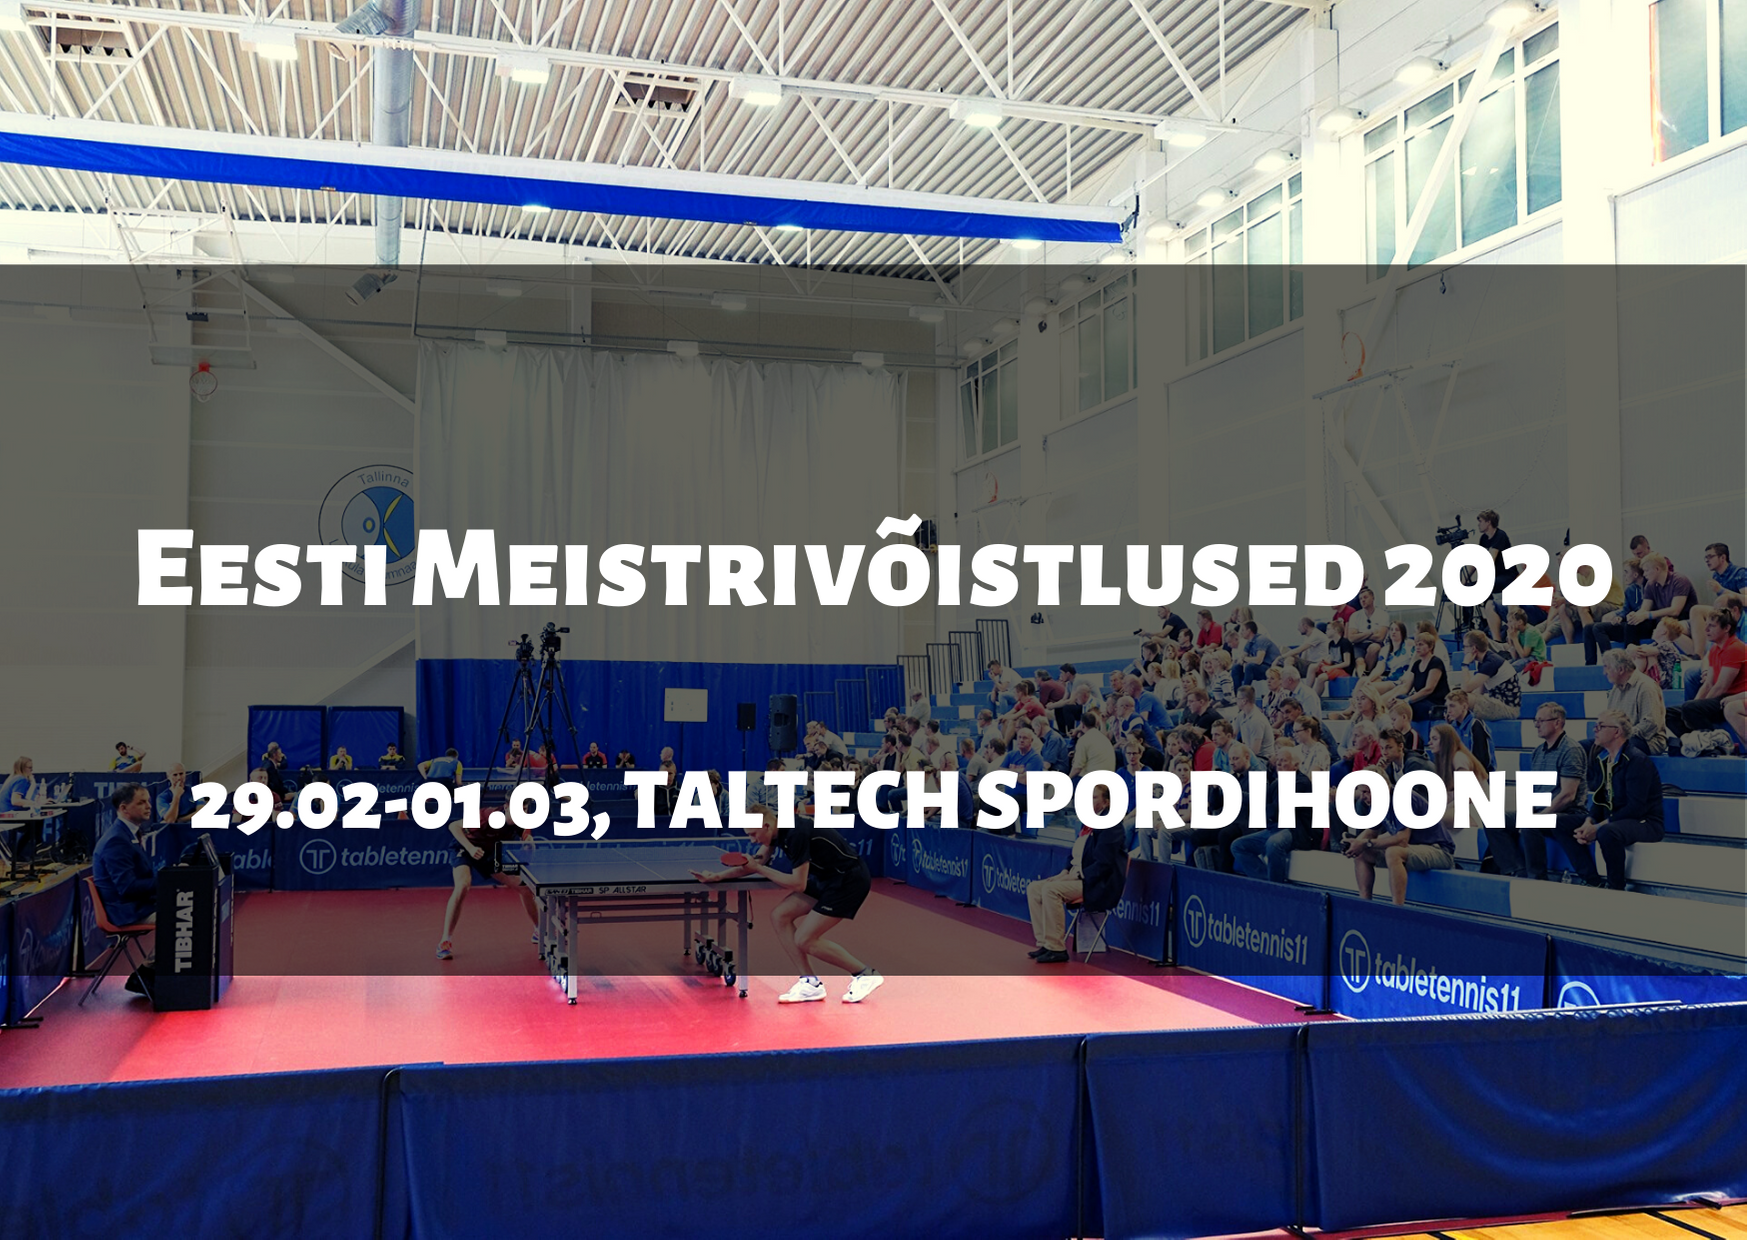 Eesti Meistrid on Vallot Vainula ja Airi Avameri